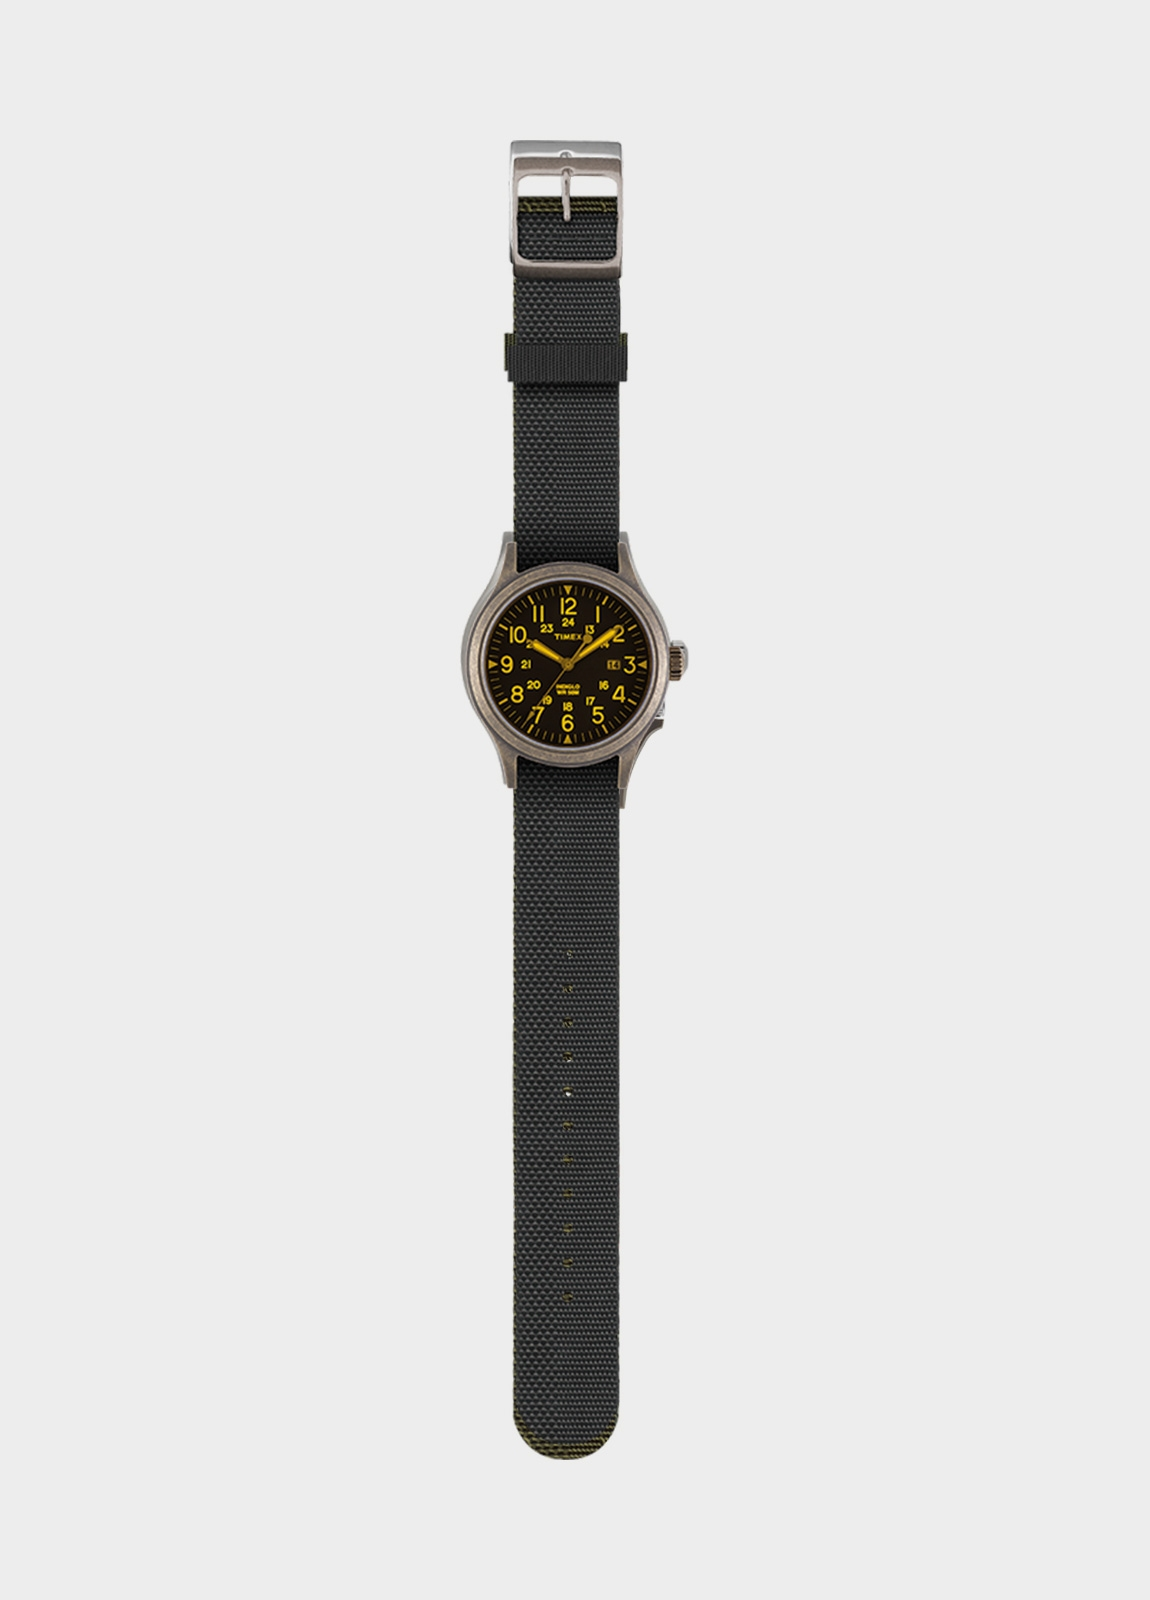 Correa Reloj TIMEX reversible negro/negro. (la caja reloj se vende por separado) - Ítem1